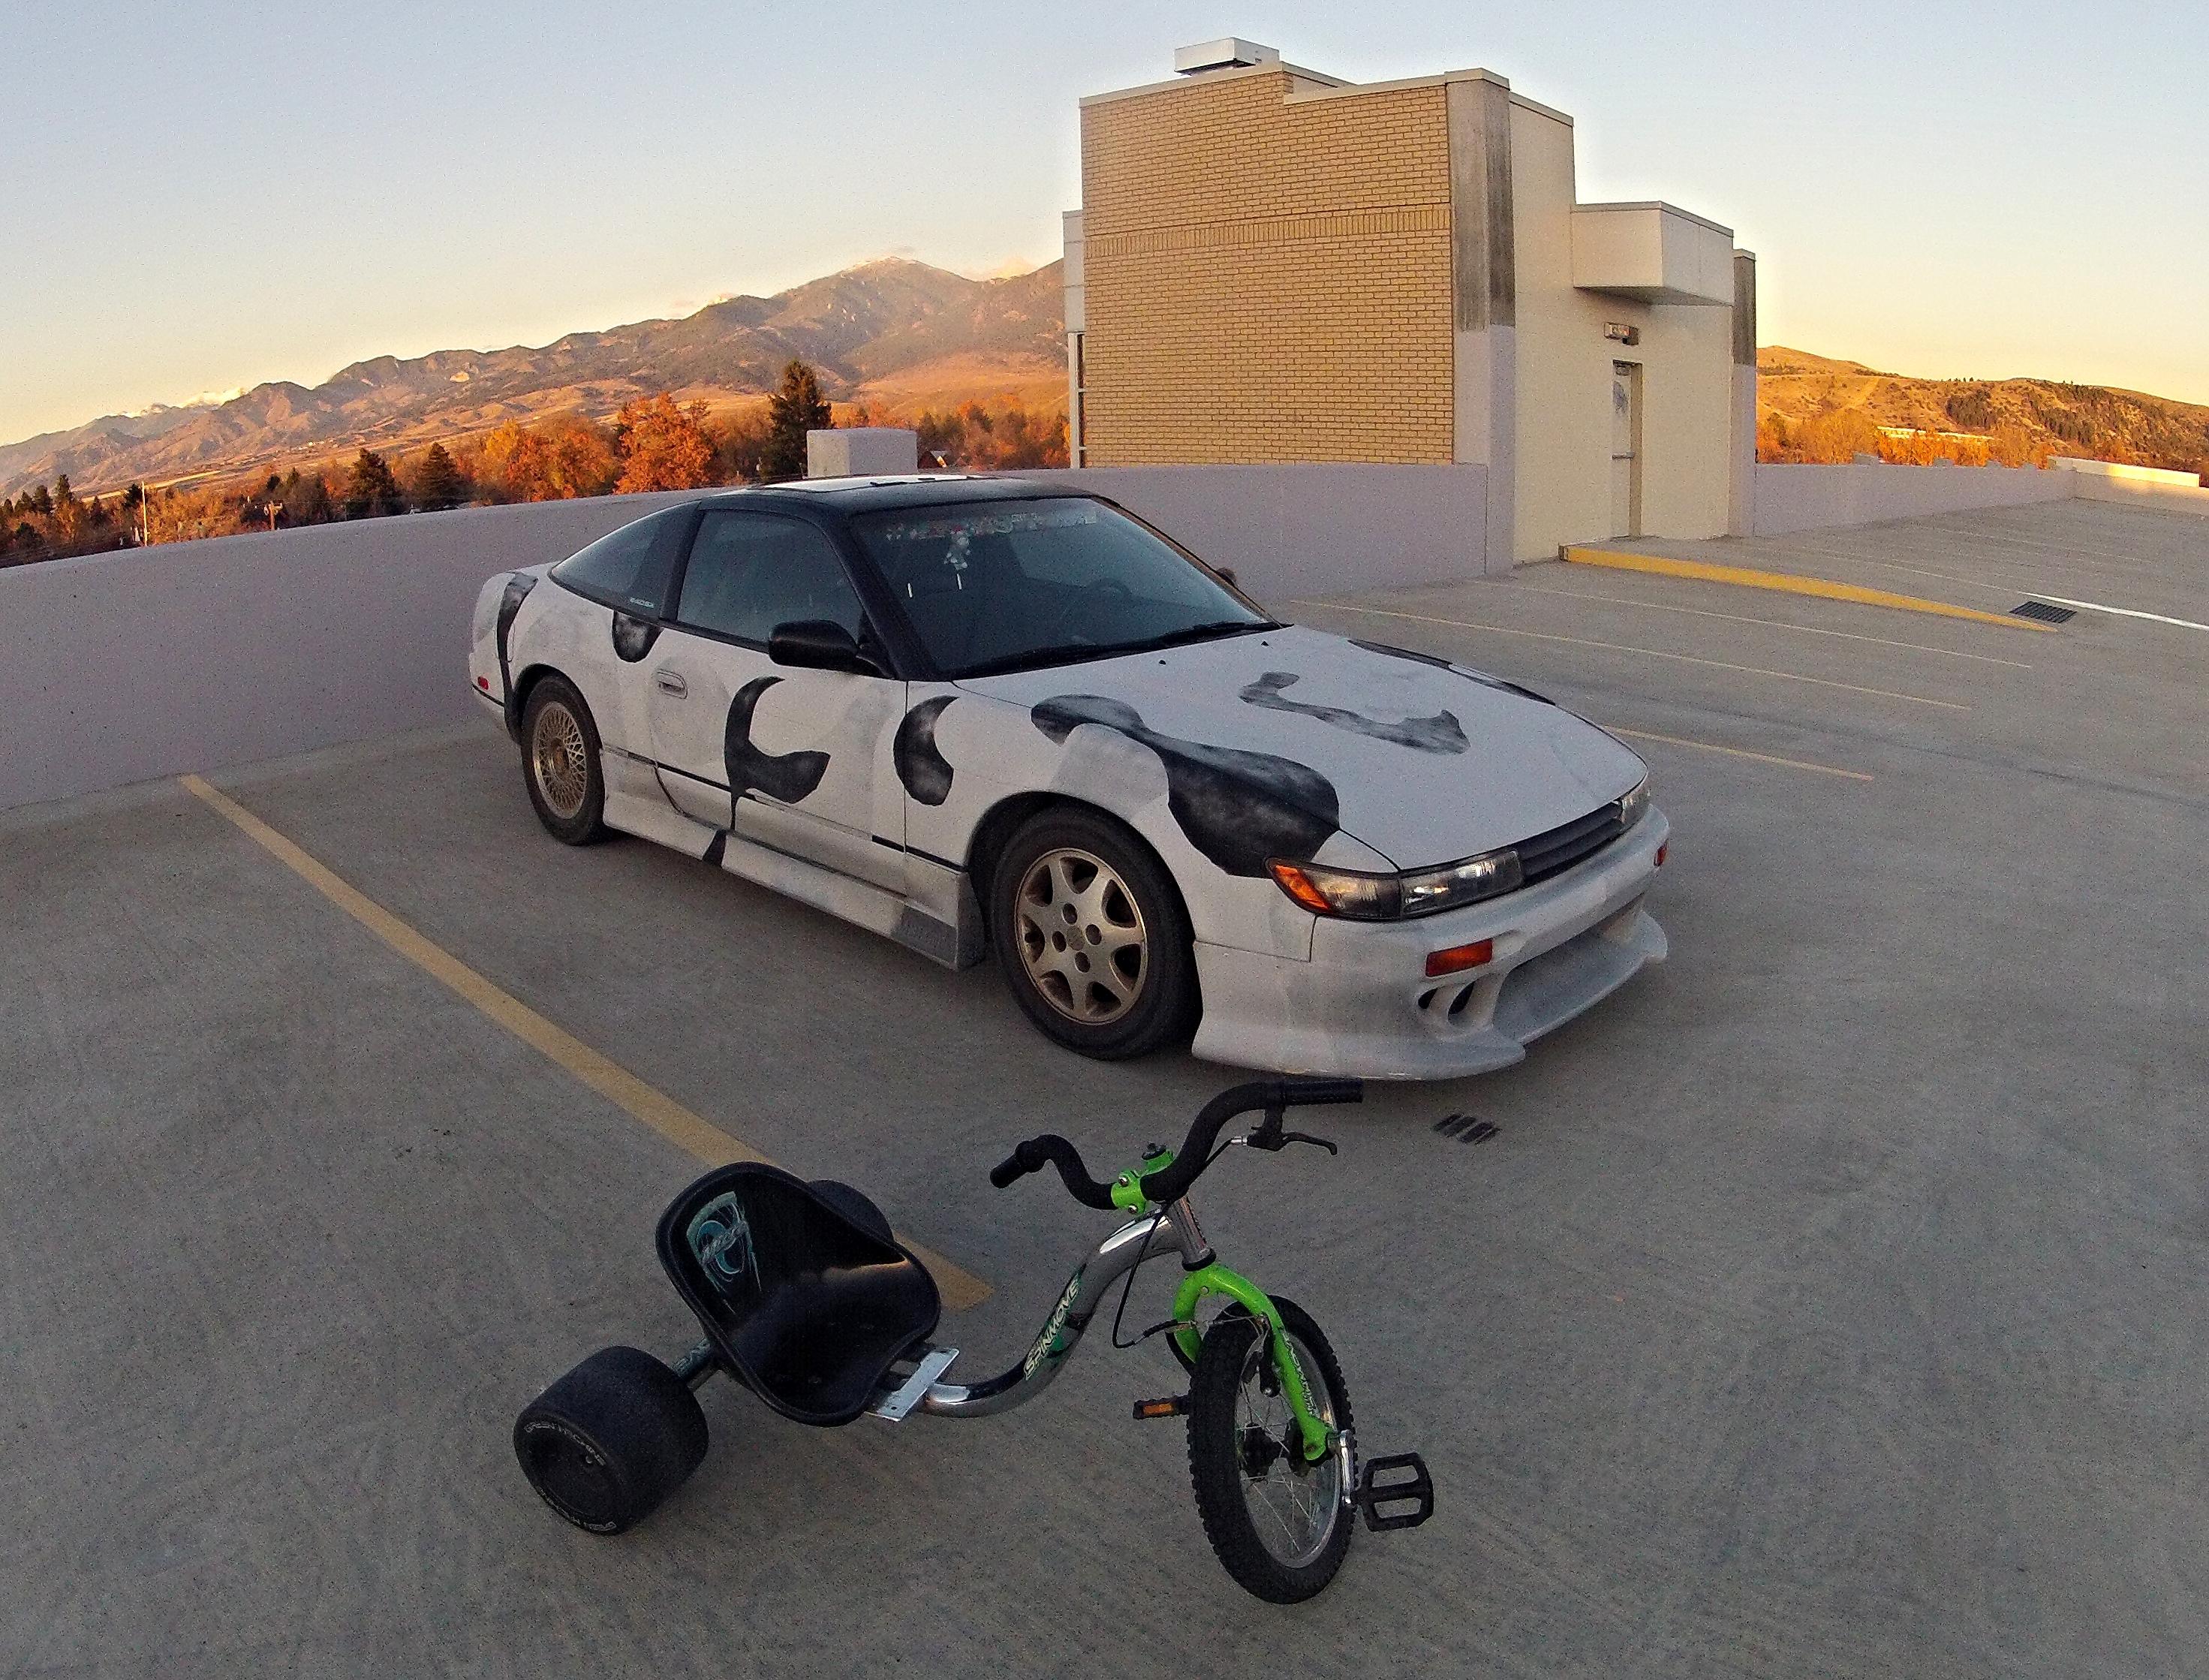 Drift toys